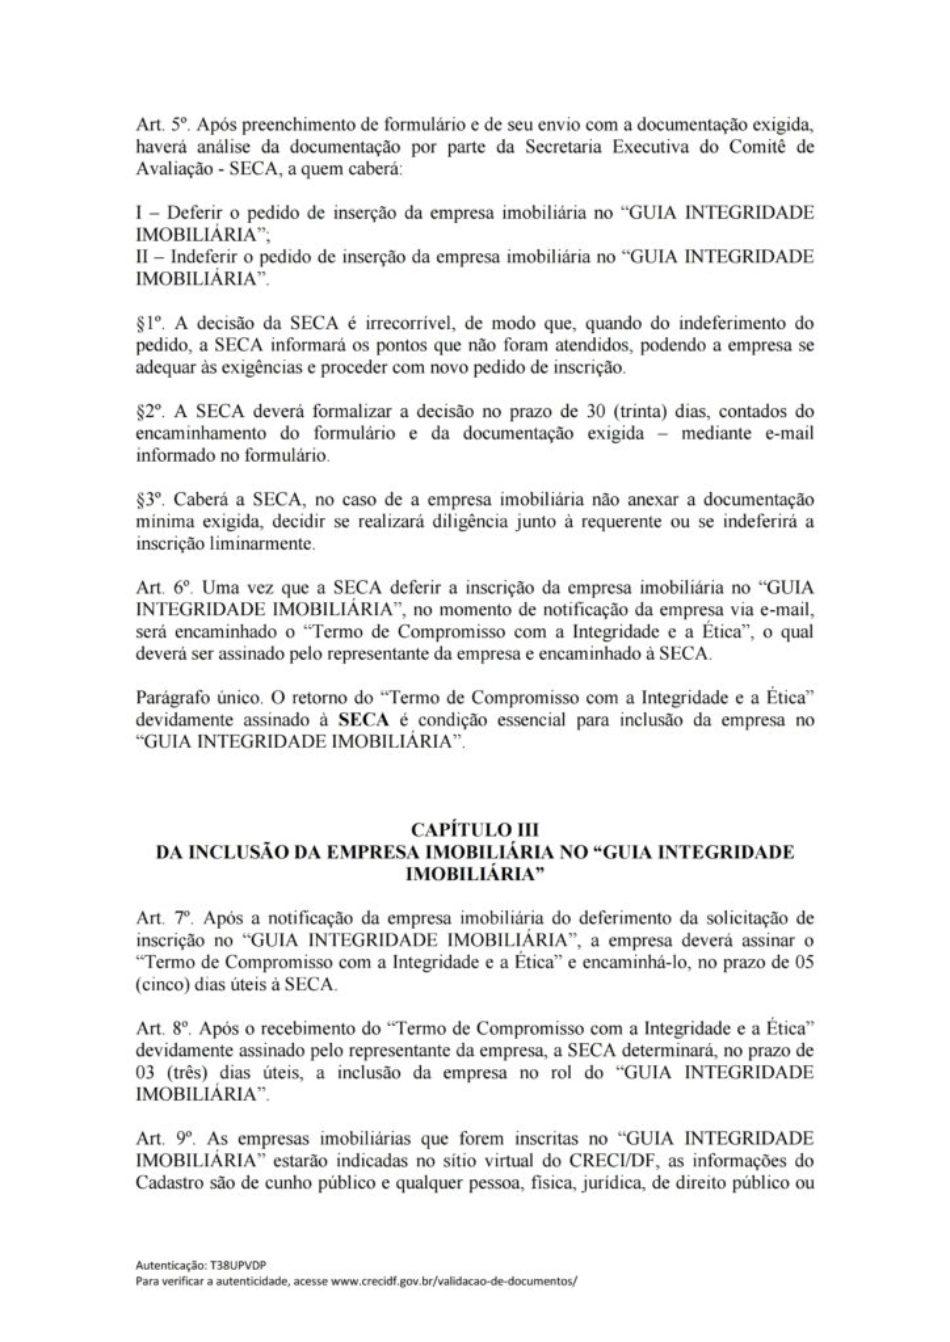 PORTARIA Nº 57 - GUIA INTEGRIDADE IMOBILIÁRIA - FINAL.pdf_page_3